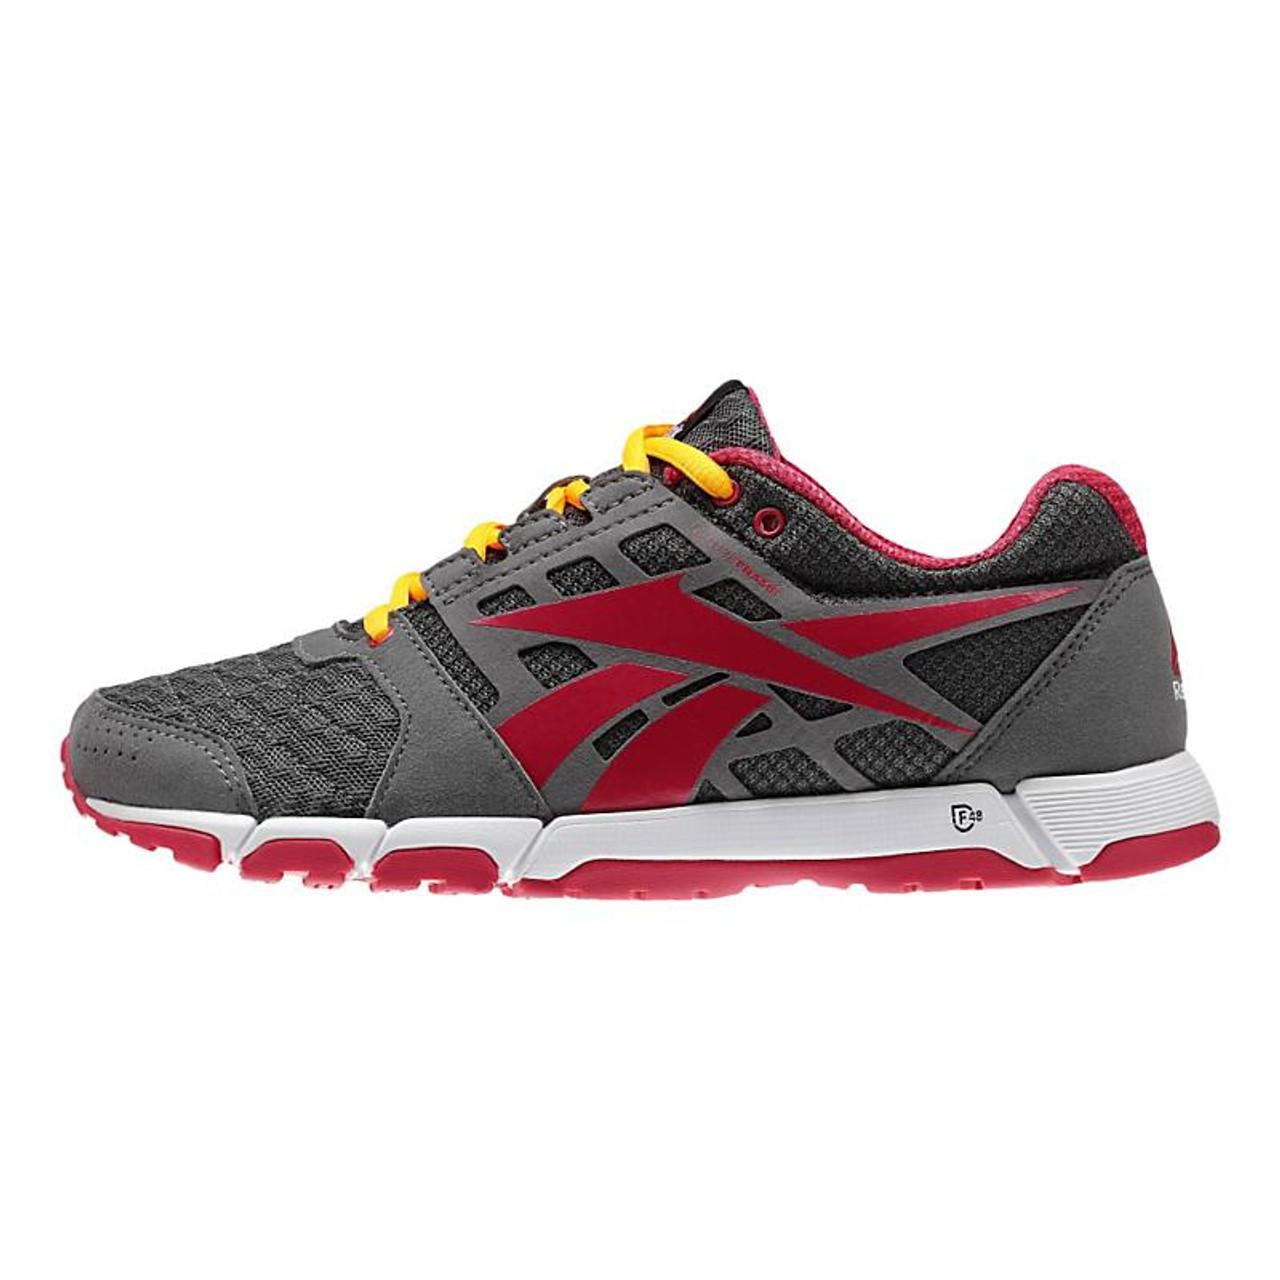 7c3580fd0d5 Home · Footwear · Women s Reebok ONE Trainer 1.0. Sale